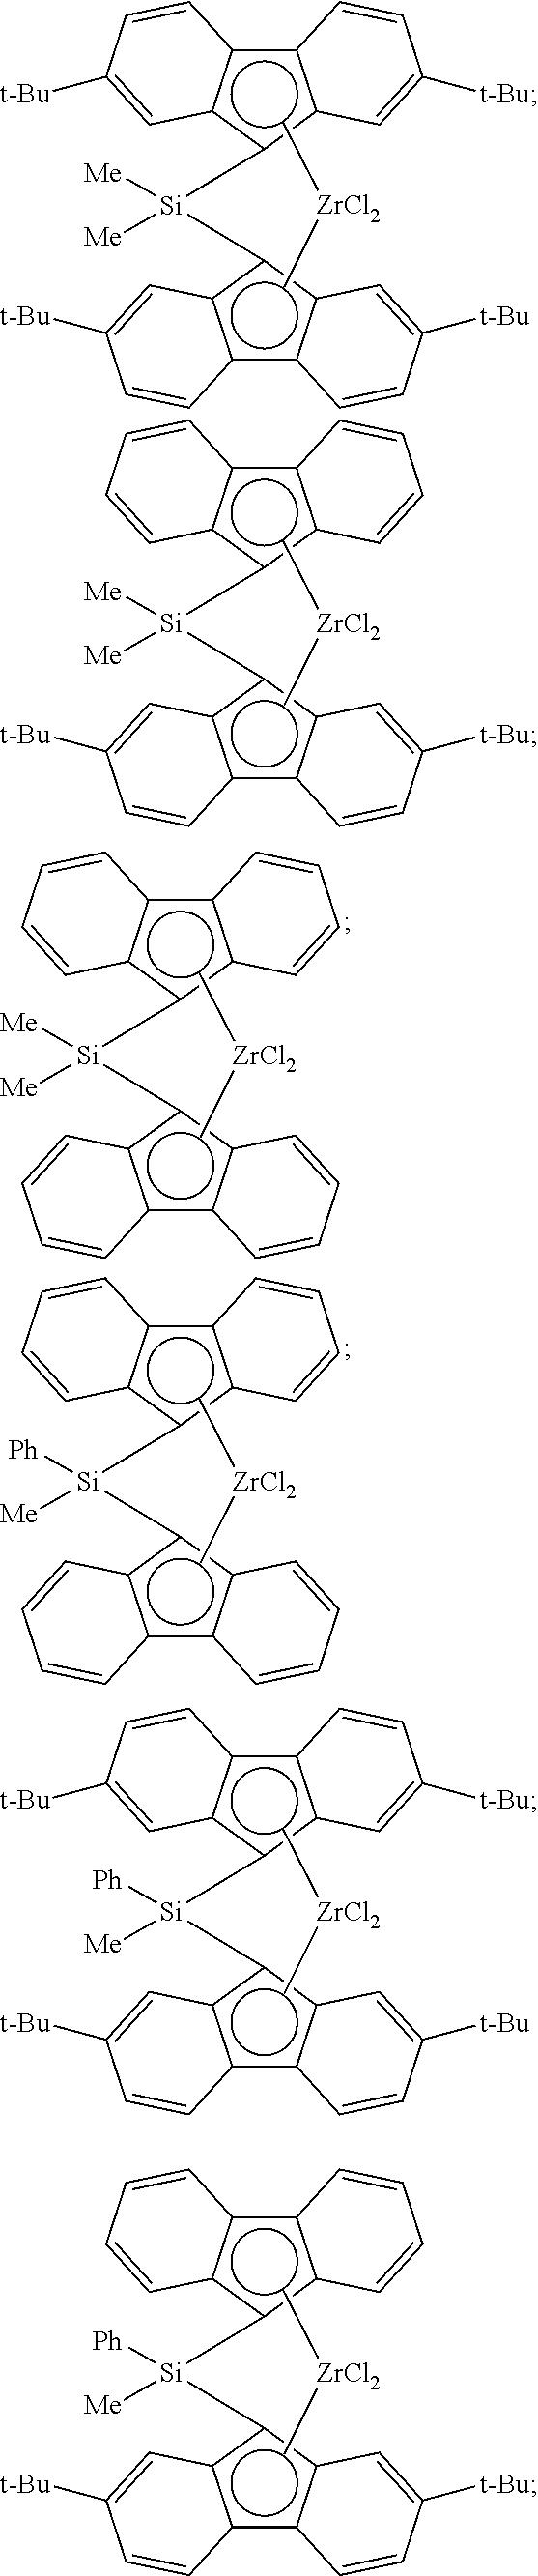 Figure US08288487-20121016-C00040